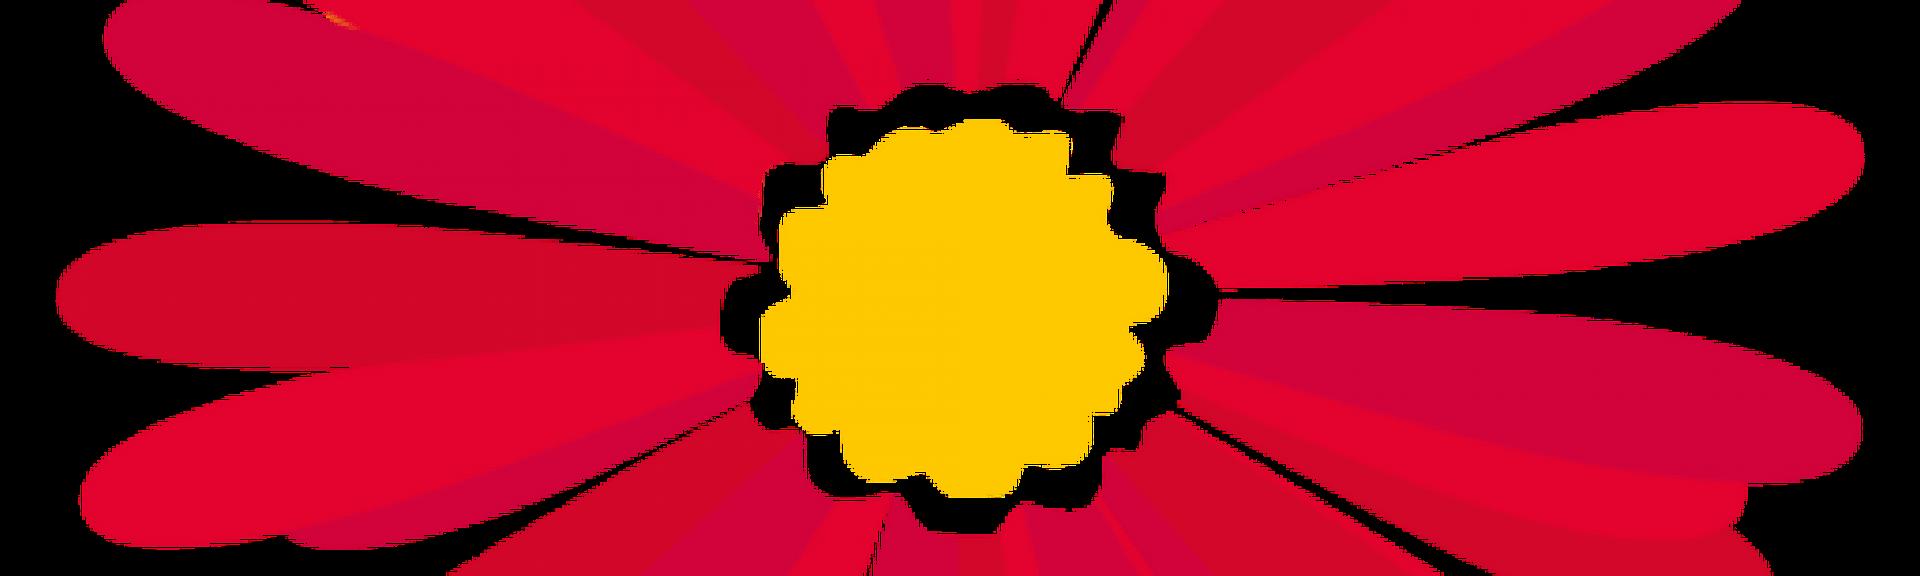 cropped-Gerbera-logo-06.png